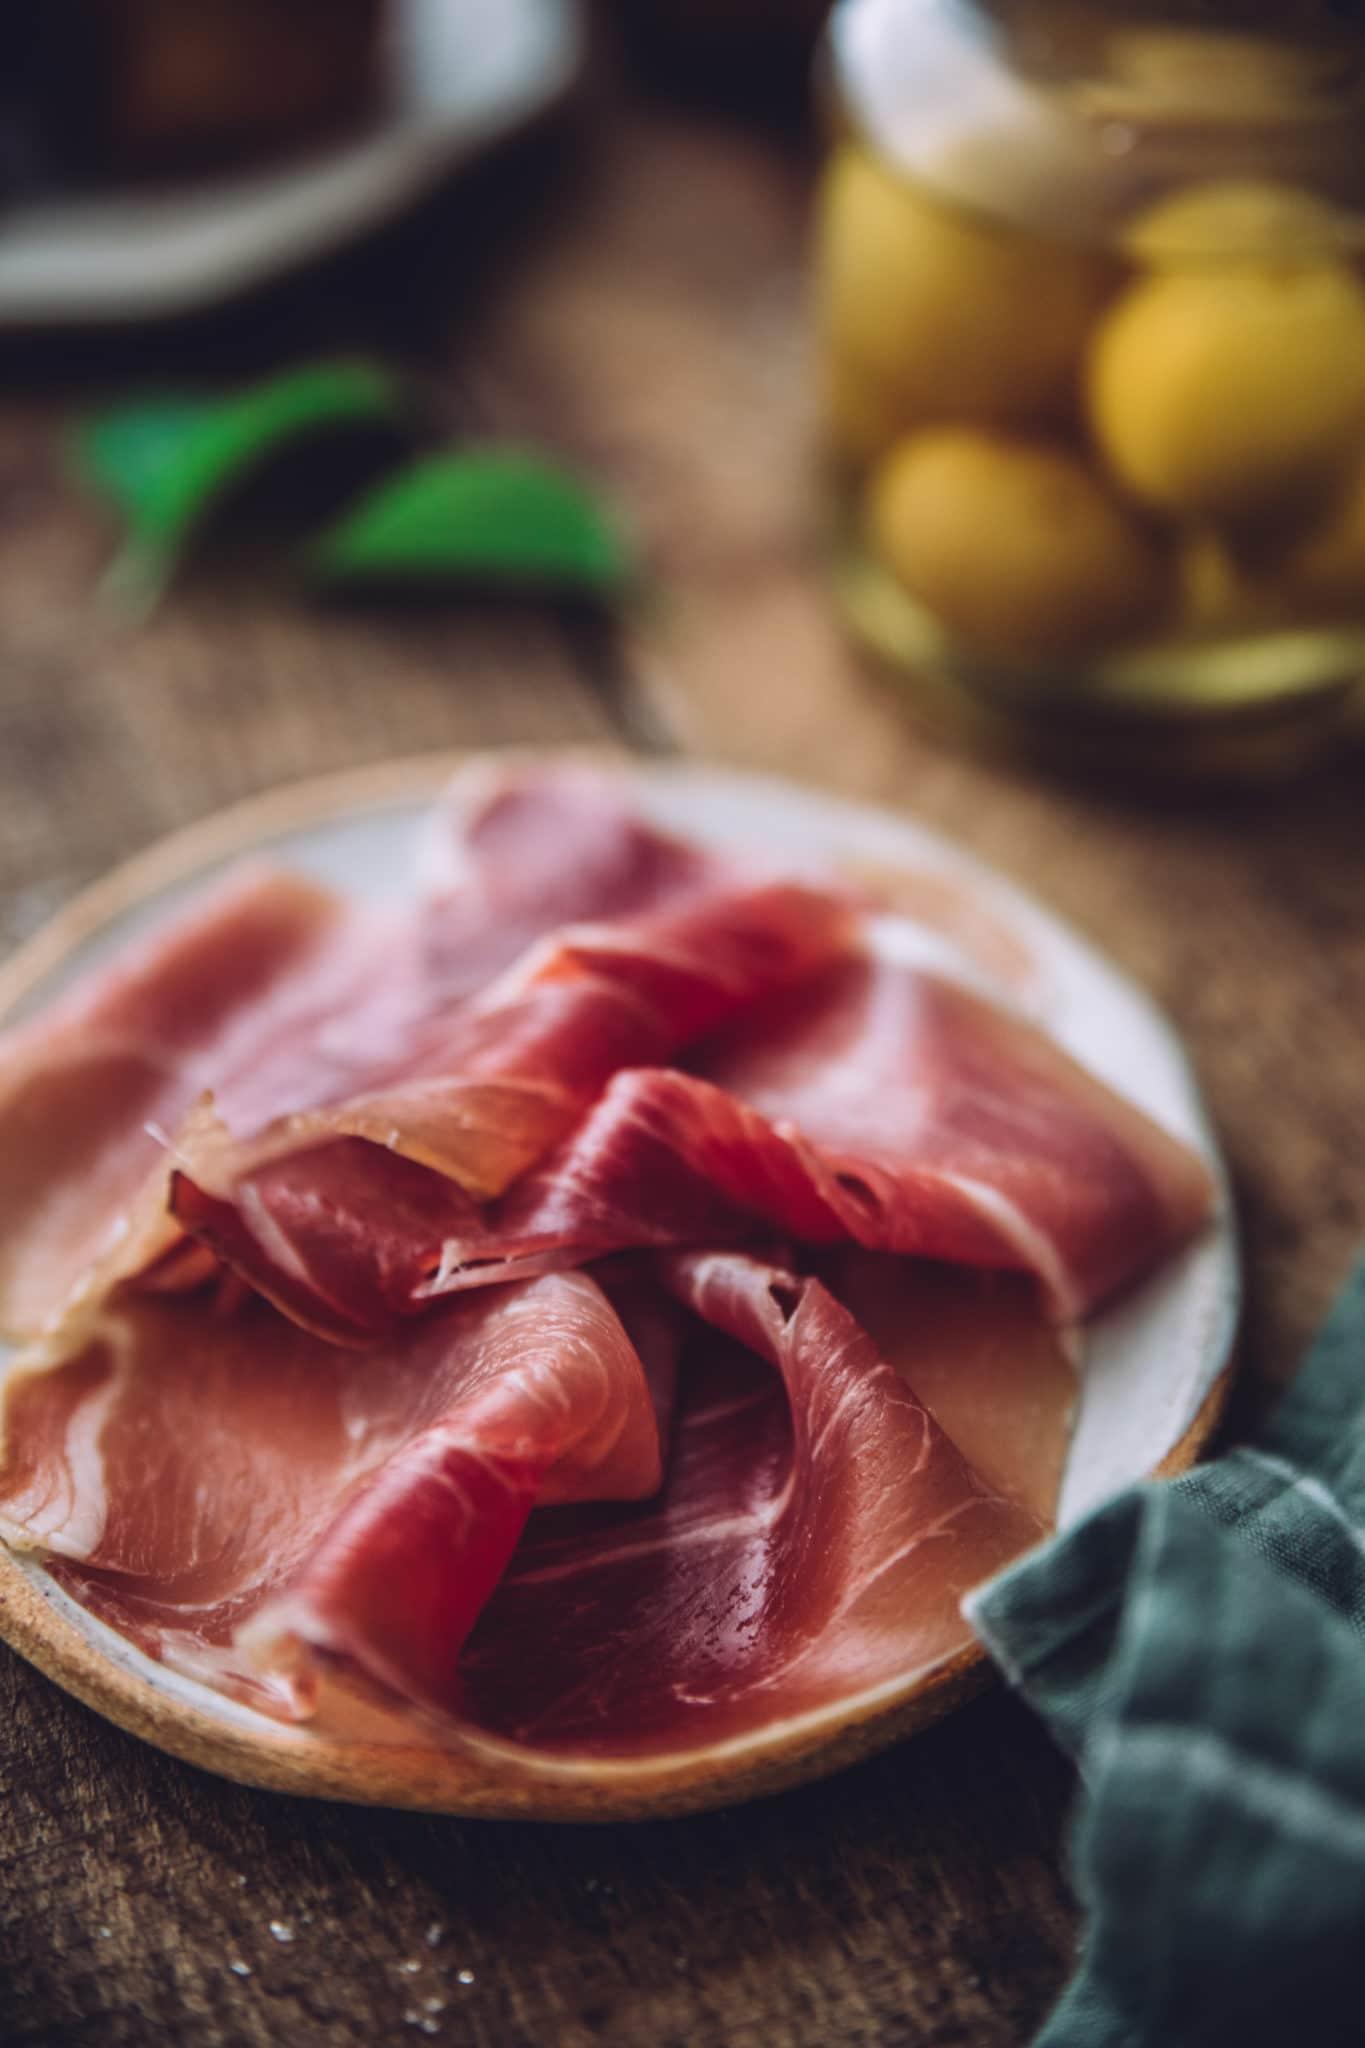 Jambon de savoie stylisme culinaire